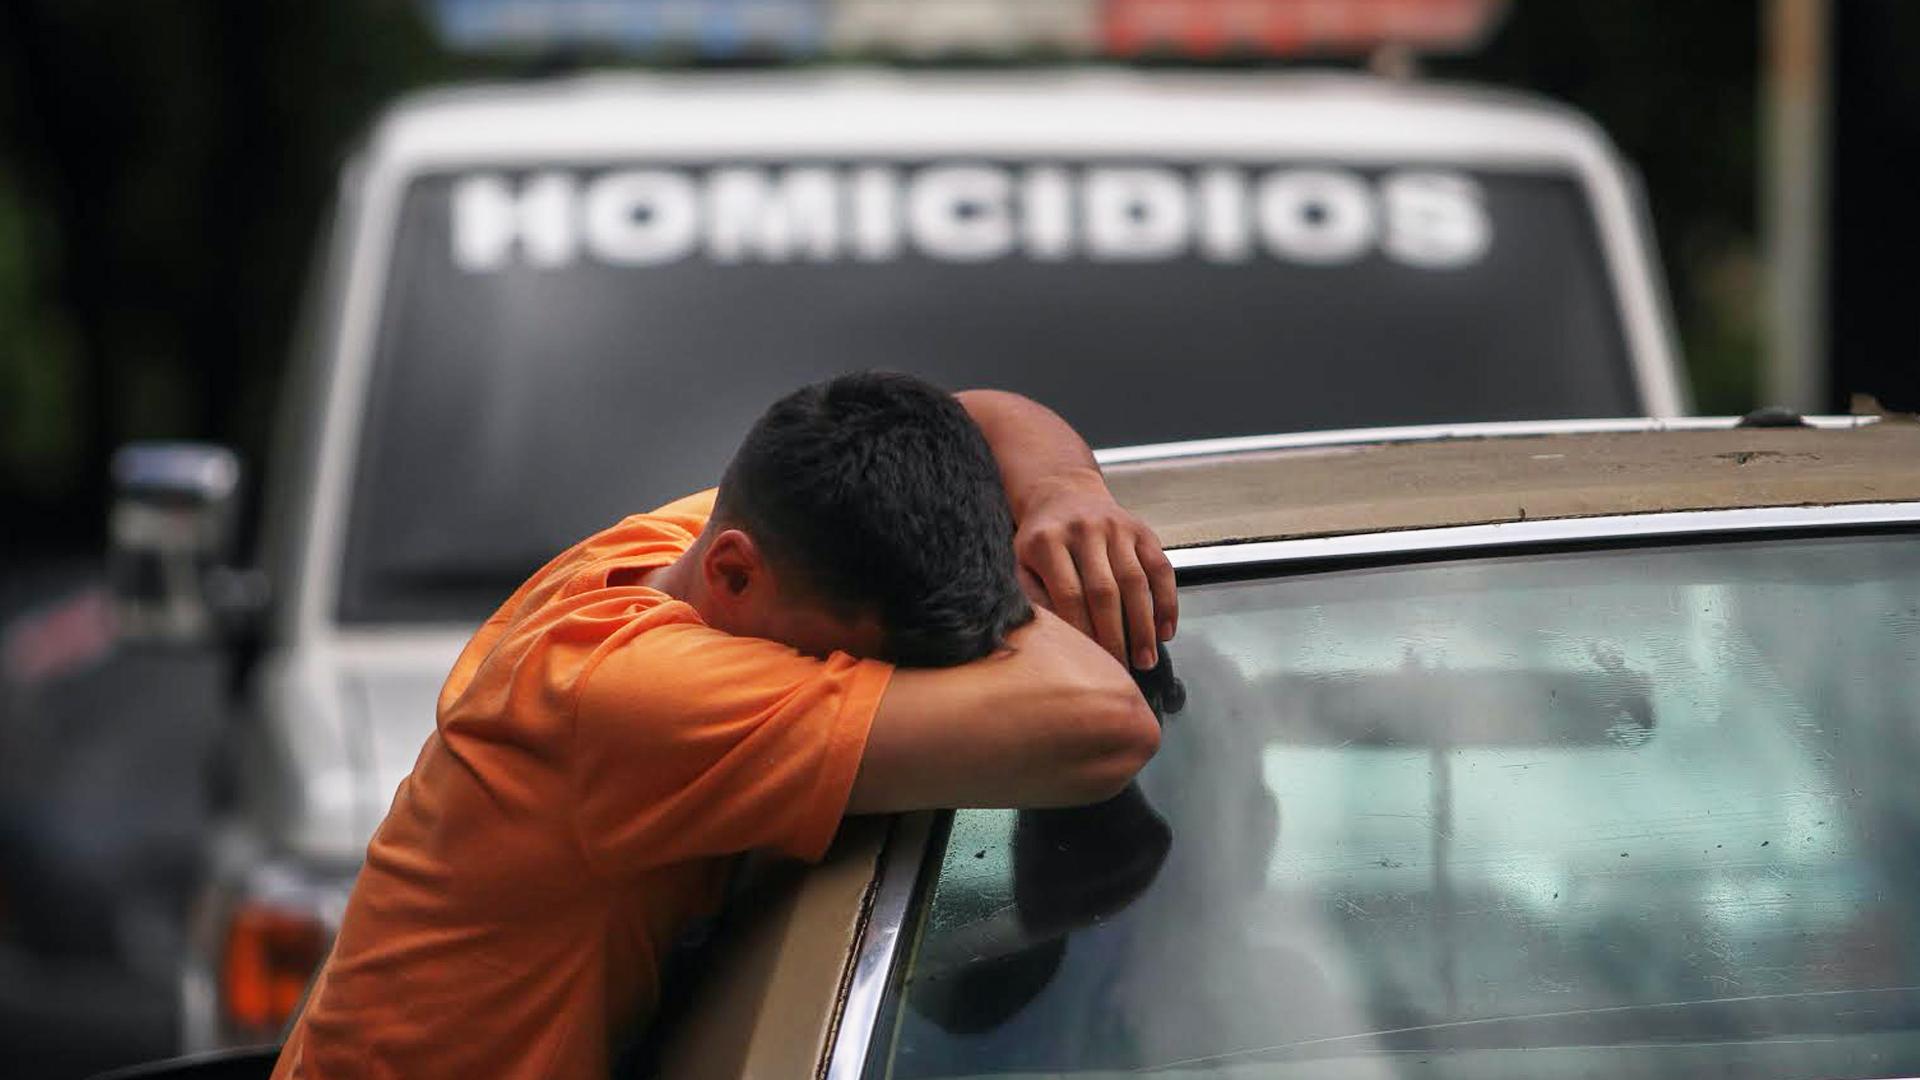 #MonitorDeVictimas | Lo degollaron para robarlo en su casa de El Junquito